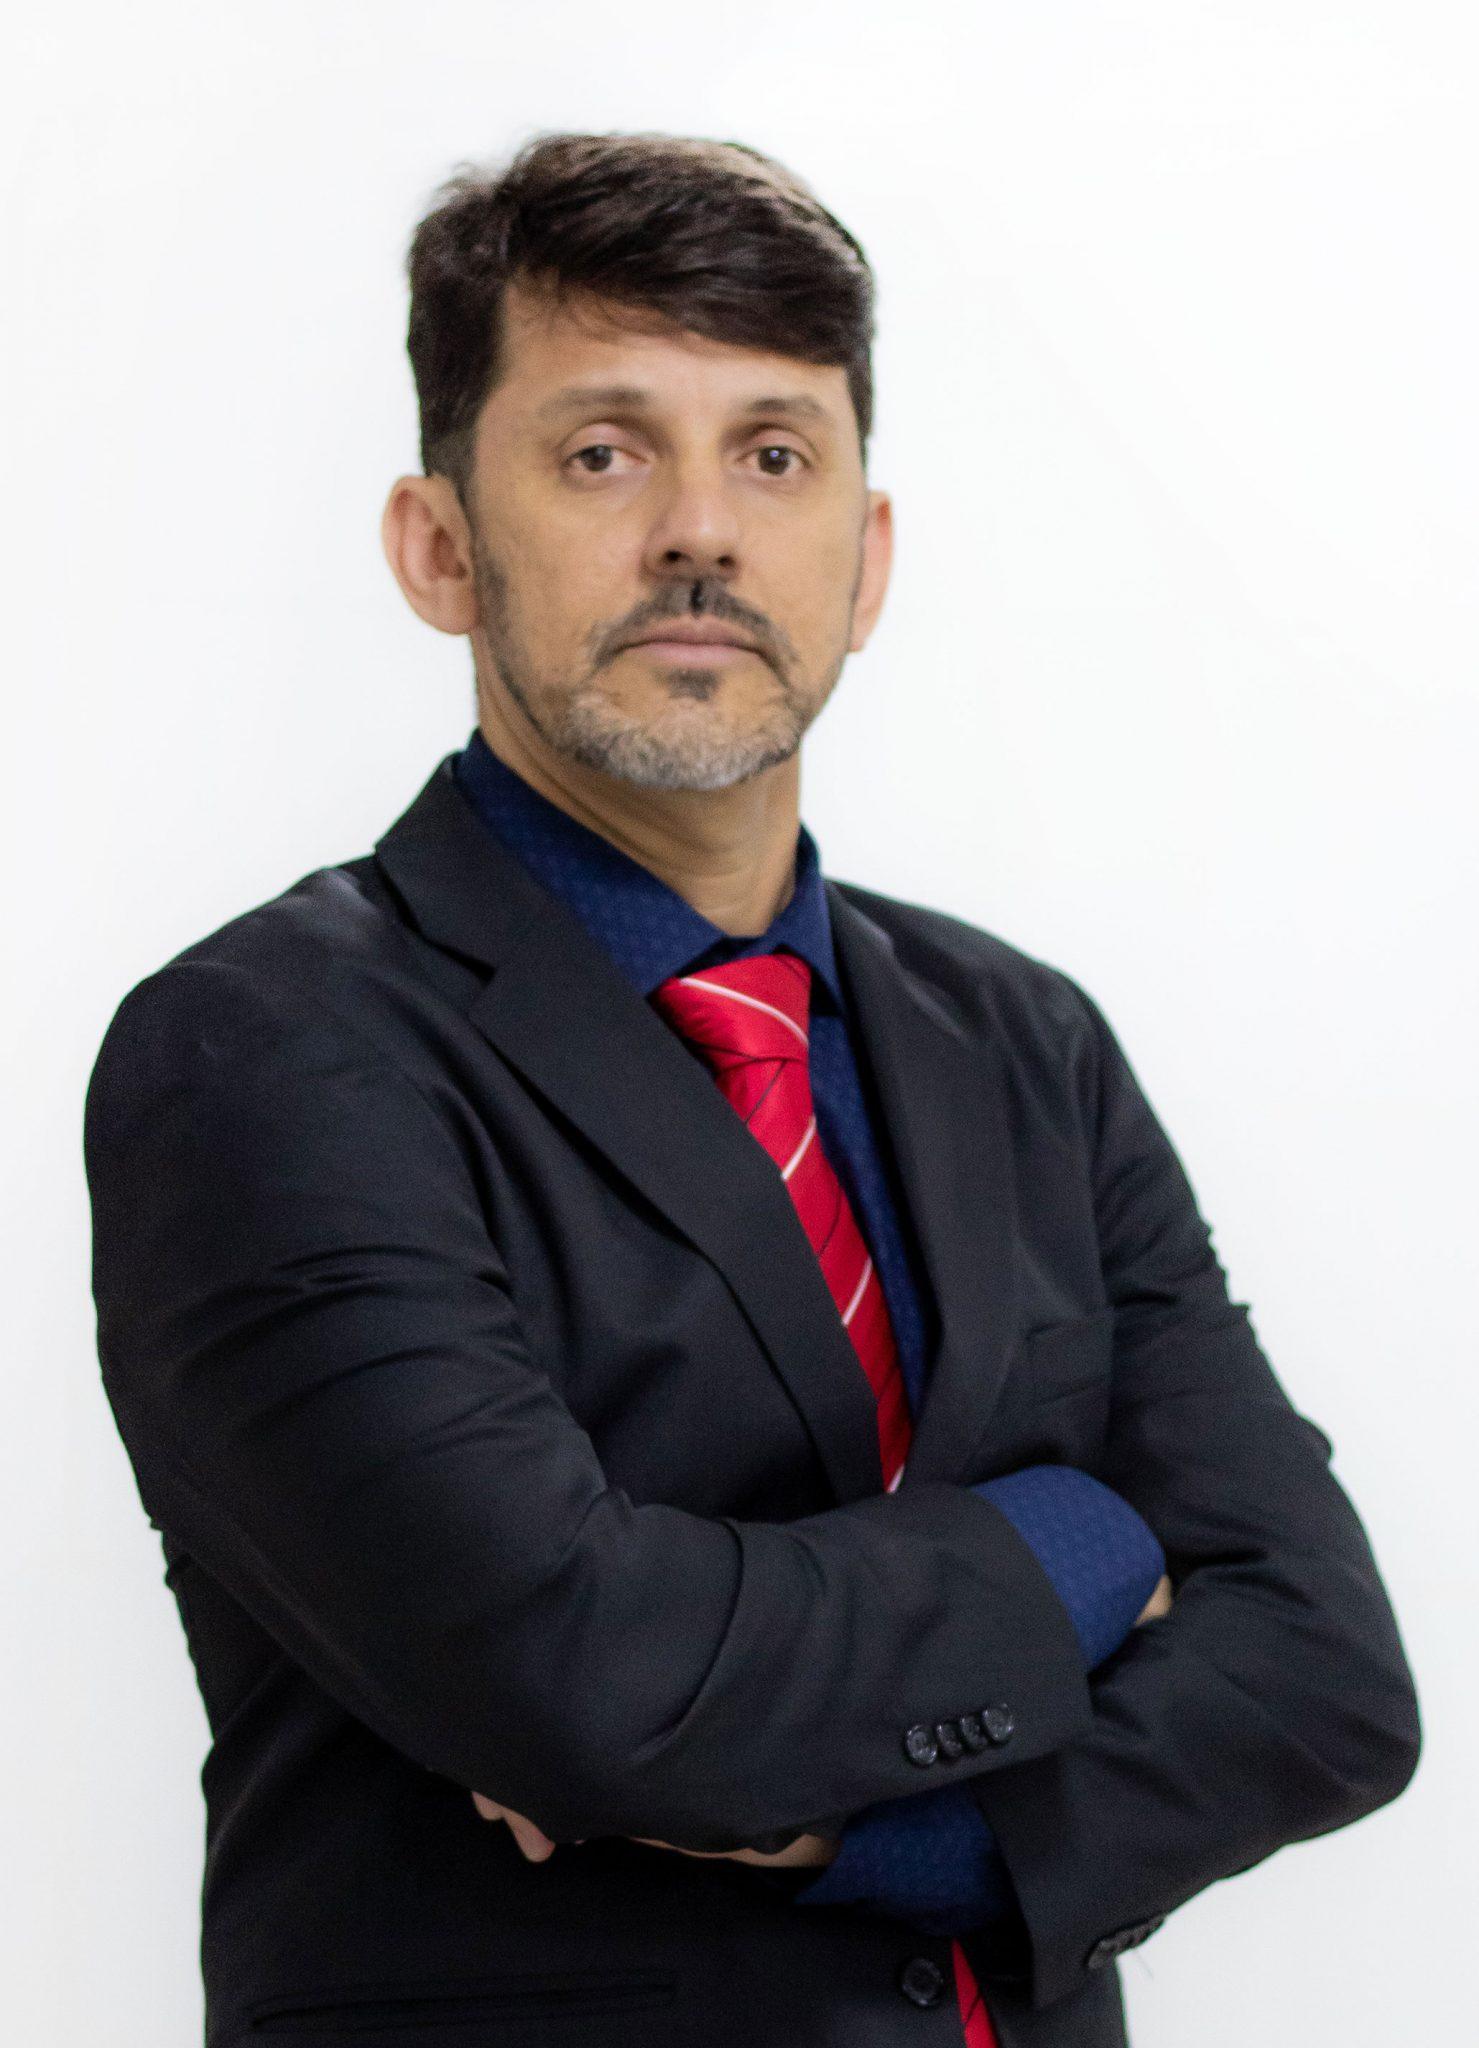 Wilson Ferreira de Assis